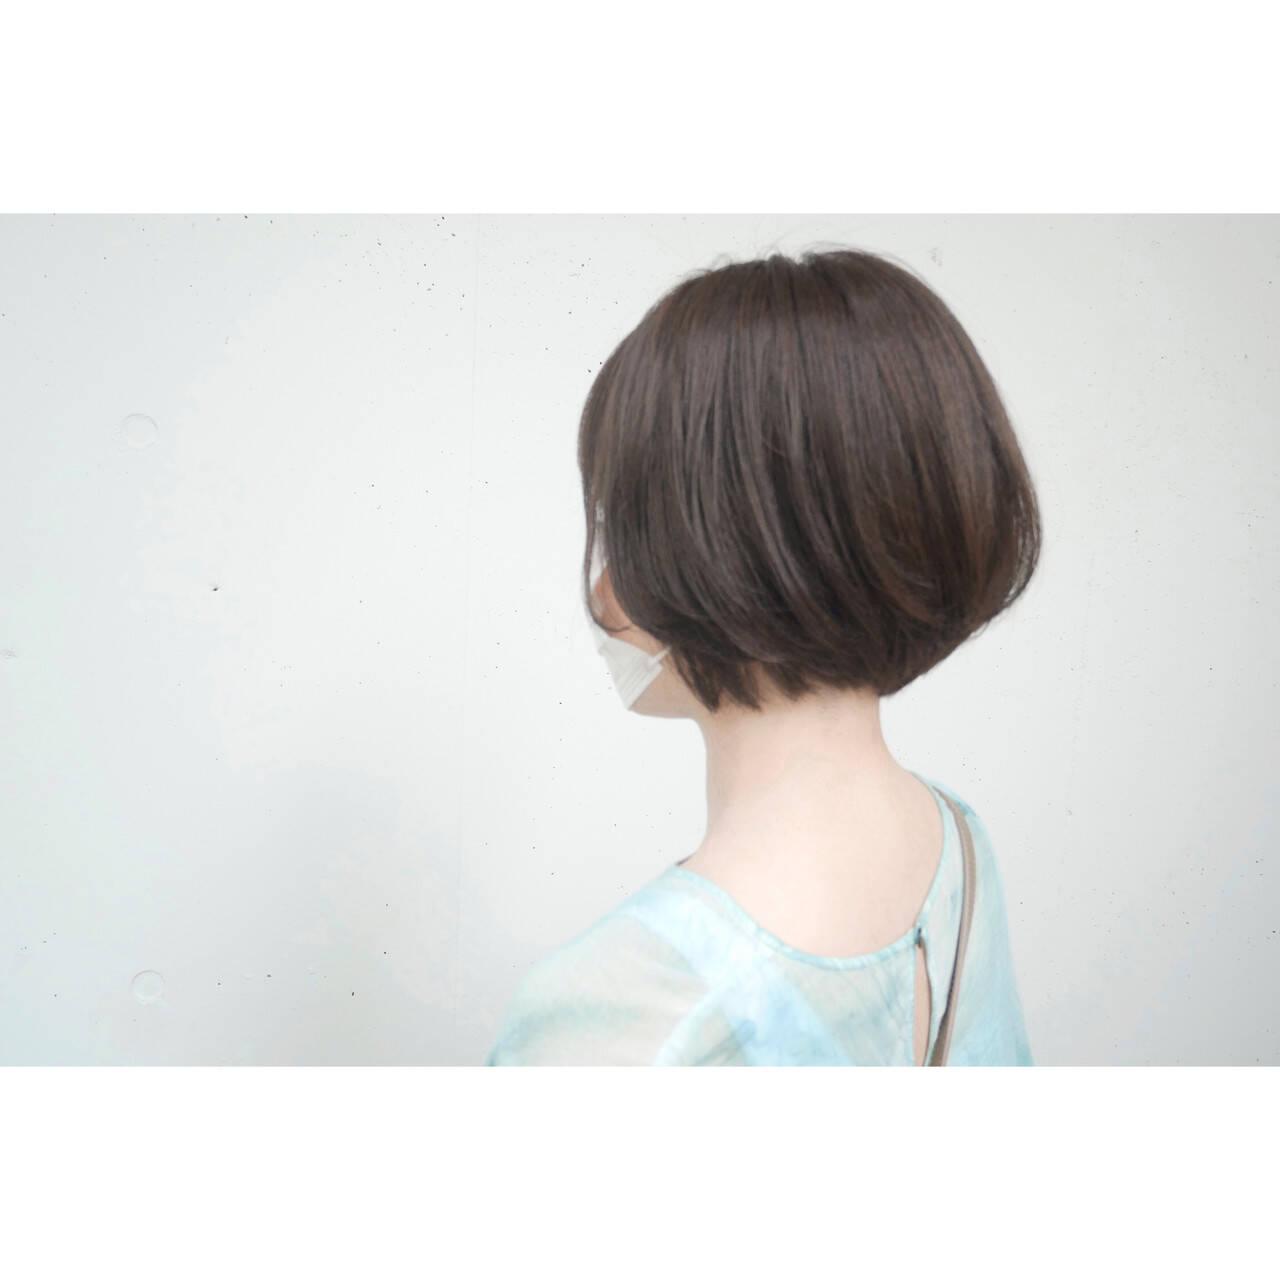 ナチュラル ショートボブ ボブ ショートヘアヘアスタイルや髪型の写真・画像